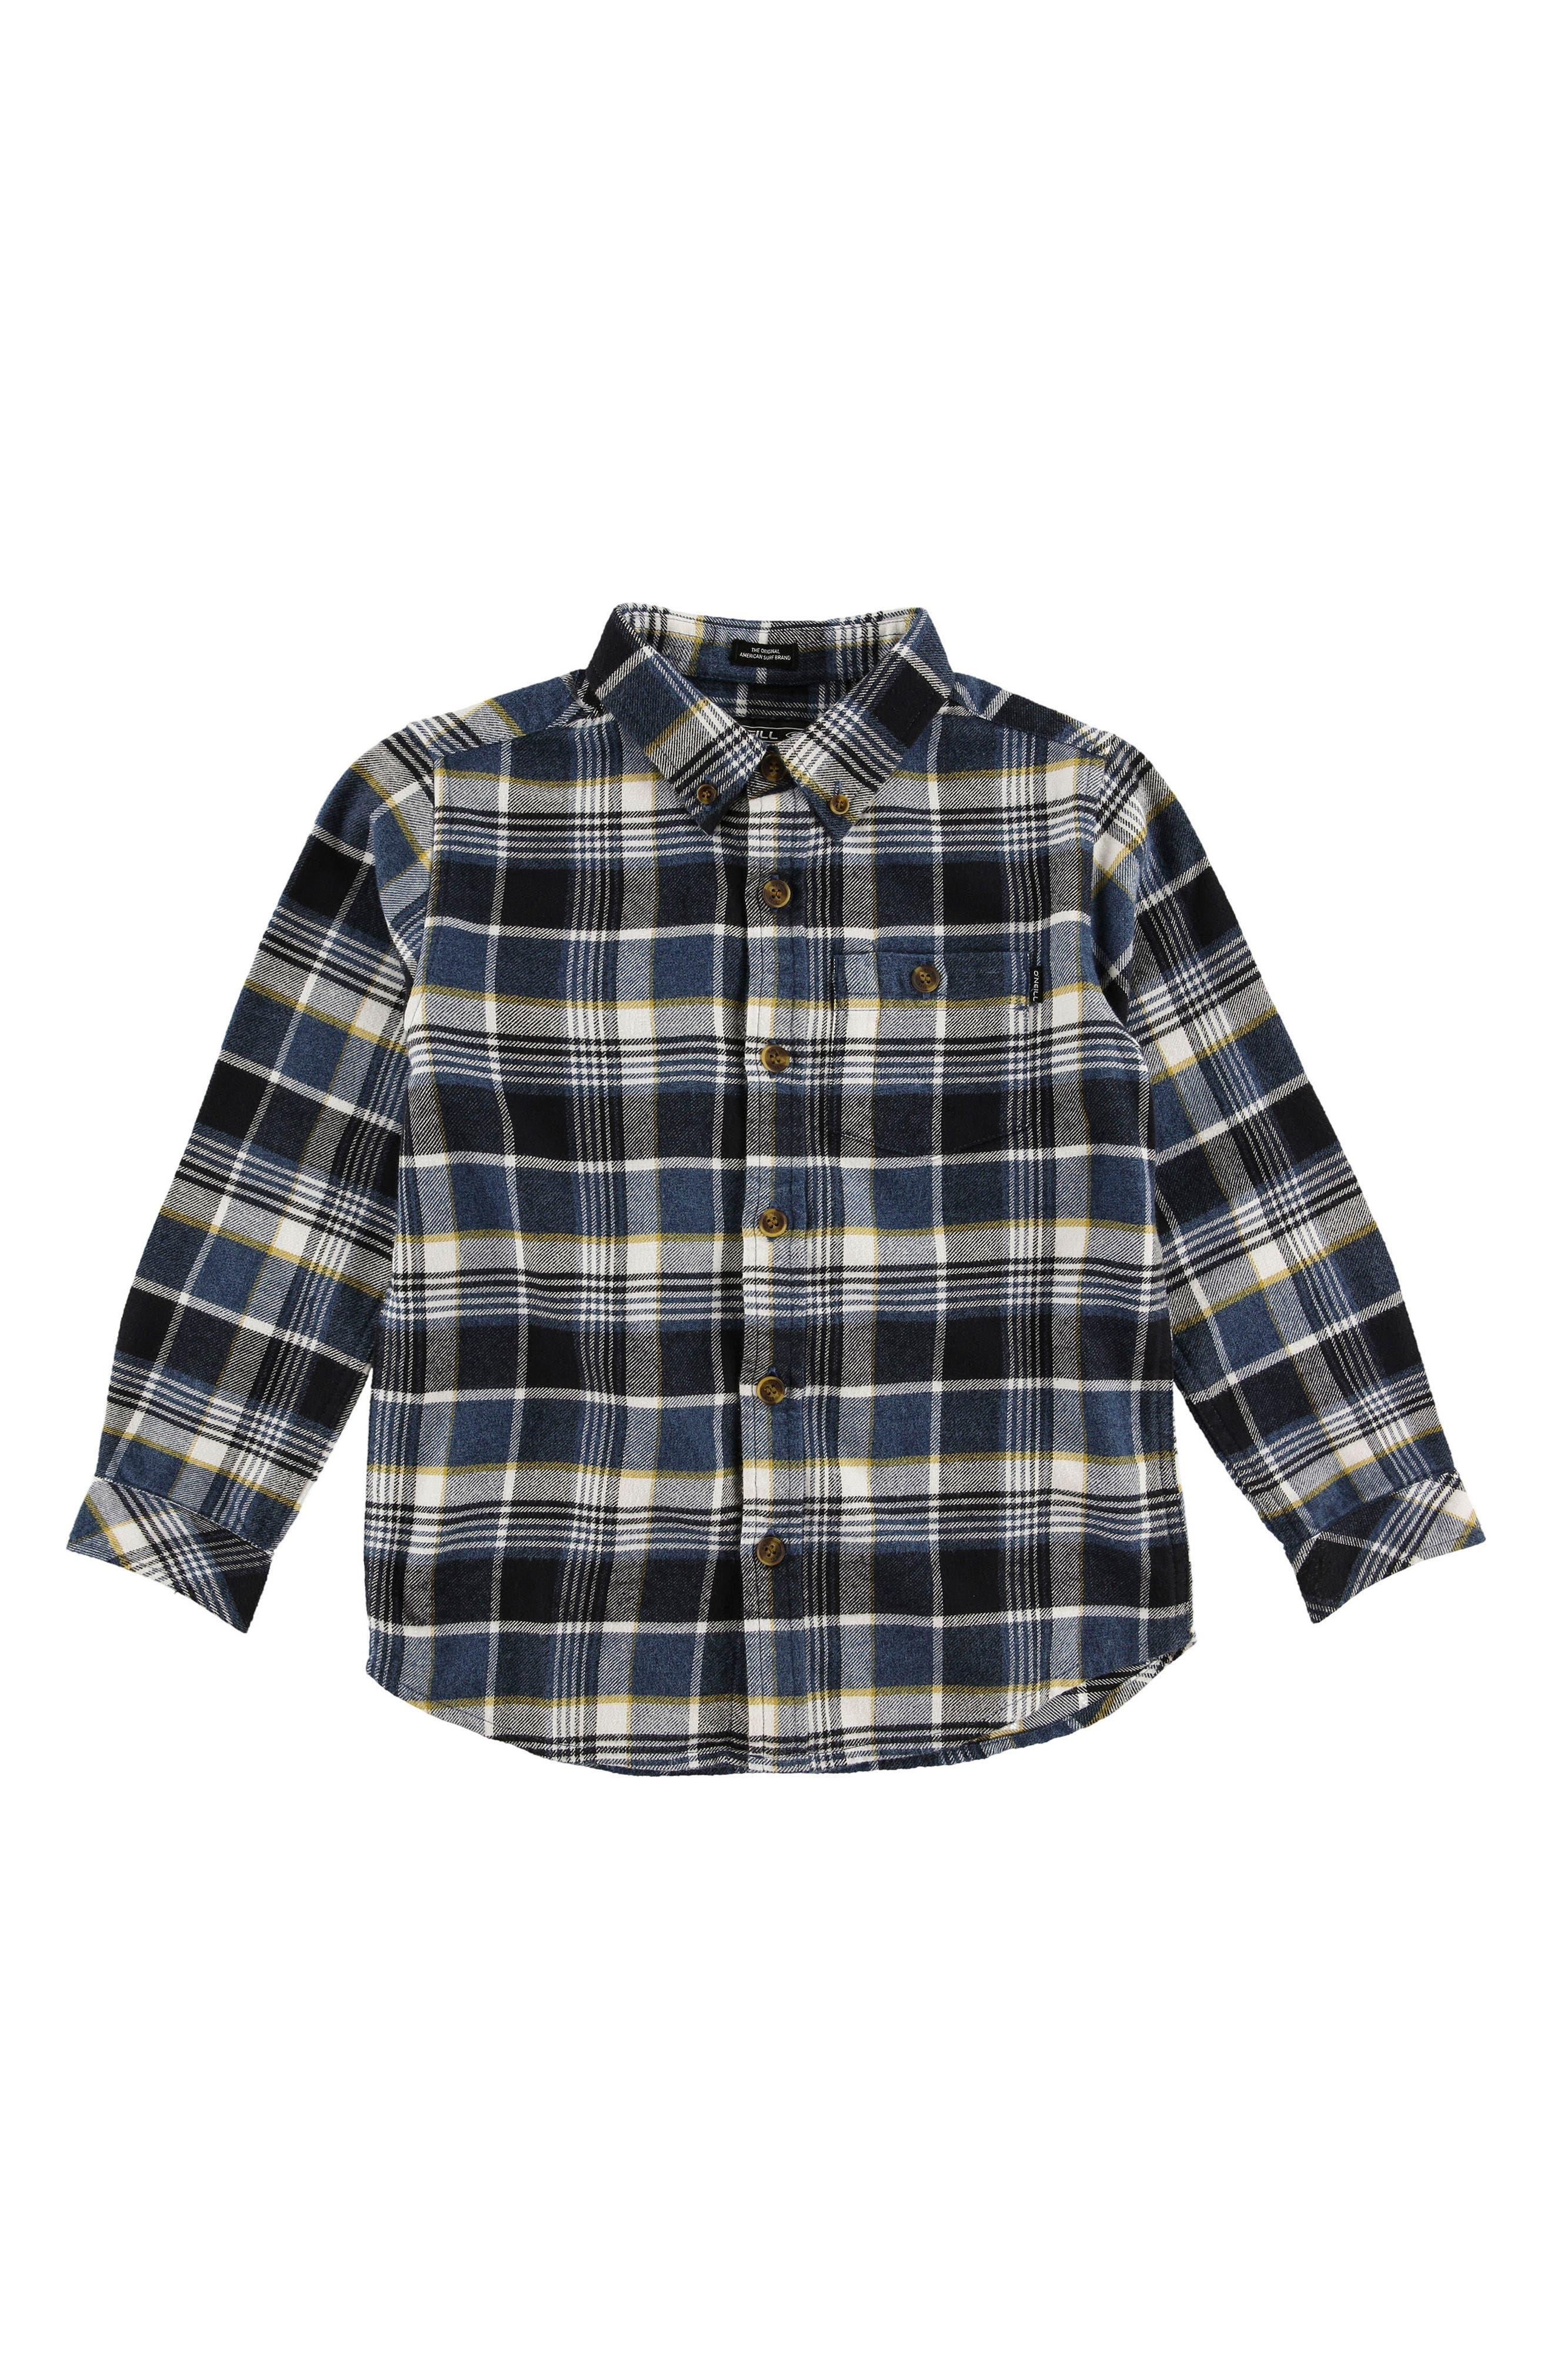 Main Image - O'Neill Redmond Flannel Shirt (Little Boys)